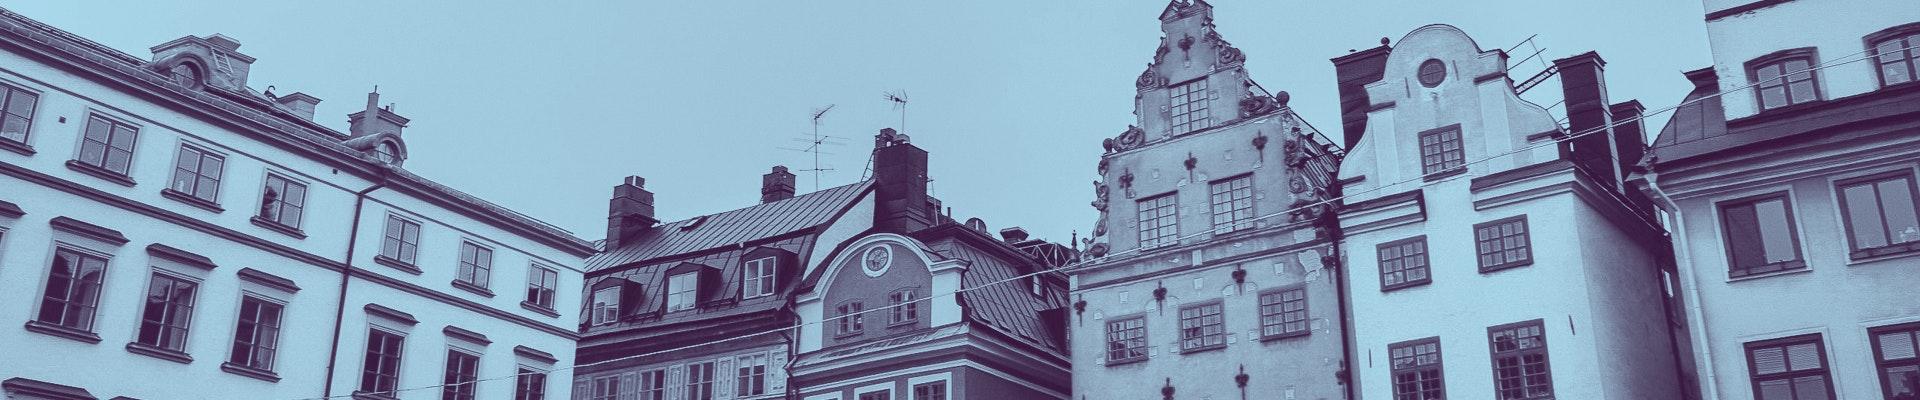 Vaxholms kommun